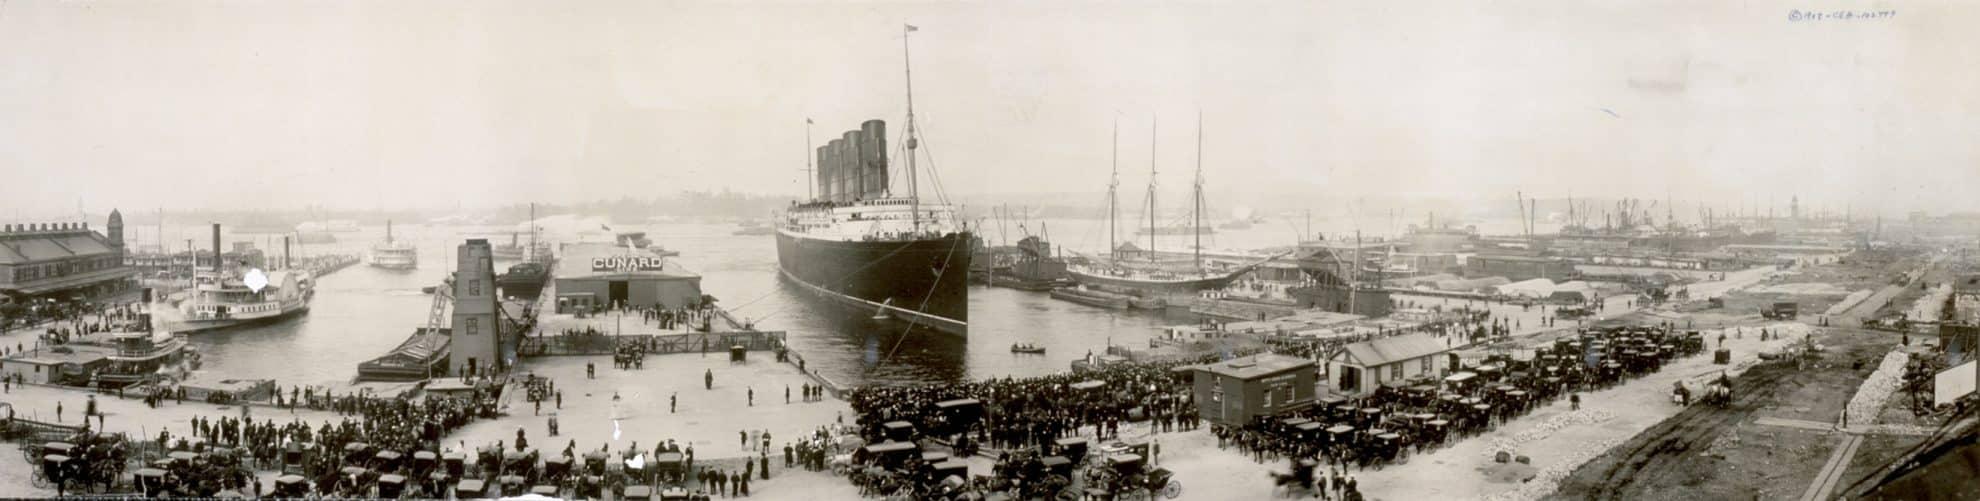 RMS Lusitania var da hun ble sjøsatt i 1907 det største skipet verden hadde sett til da og var med sine 25 knop også det raskeste til å krysse Atlanteren. På vei hjem fra New York, ble hun den 7. mai 1915 torpedert av en tysk ubåt utenfor den sørlige kysten av Irland. Av de 1959 passasjerene om bord, mistet 1195 livet, og av disse var 128 amerikanske statsborgere. Tyskland hadde erklært farvannene rundt hele den britiske halvøyen for krigssone og hadde til og med advart i amerikanske aviser mot å seile med Lusitania. Allikevel ble senkingen av et ikke-militært skip ansett som et brudd på internasjonale regler og protestene fra amerikanerne haglet. Tyskland hevdet på sin side at skipet fraktet våpen og ammunisjon til krigen i Europa og derfor var et legitimt mål. Nesten 90 år senere har moderne undersøkelser av vraket vist at skipet bar minst fire millioner amerikanskproduserte patroner og dermed bekreftet tyskernes mistanker. Bildet over er fra ankomsten i New York i 1907 etter rekordoverfarten fra England. Wikimedia Commons.